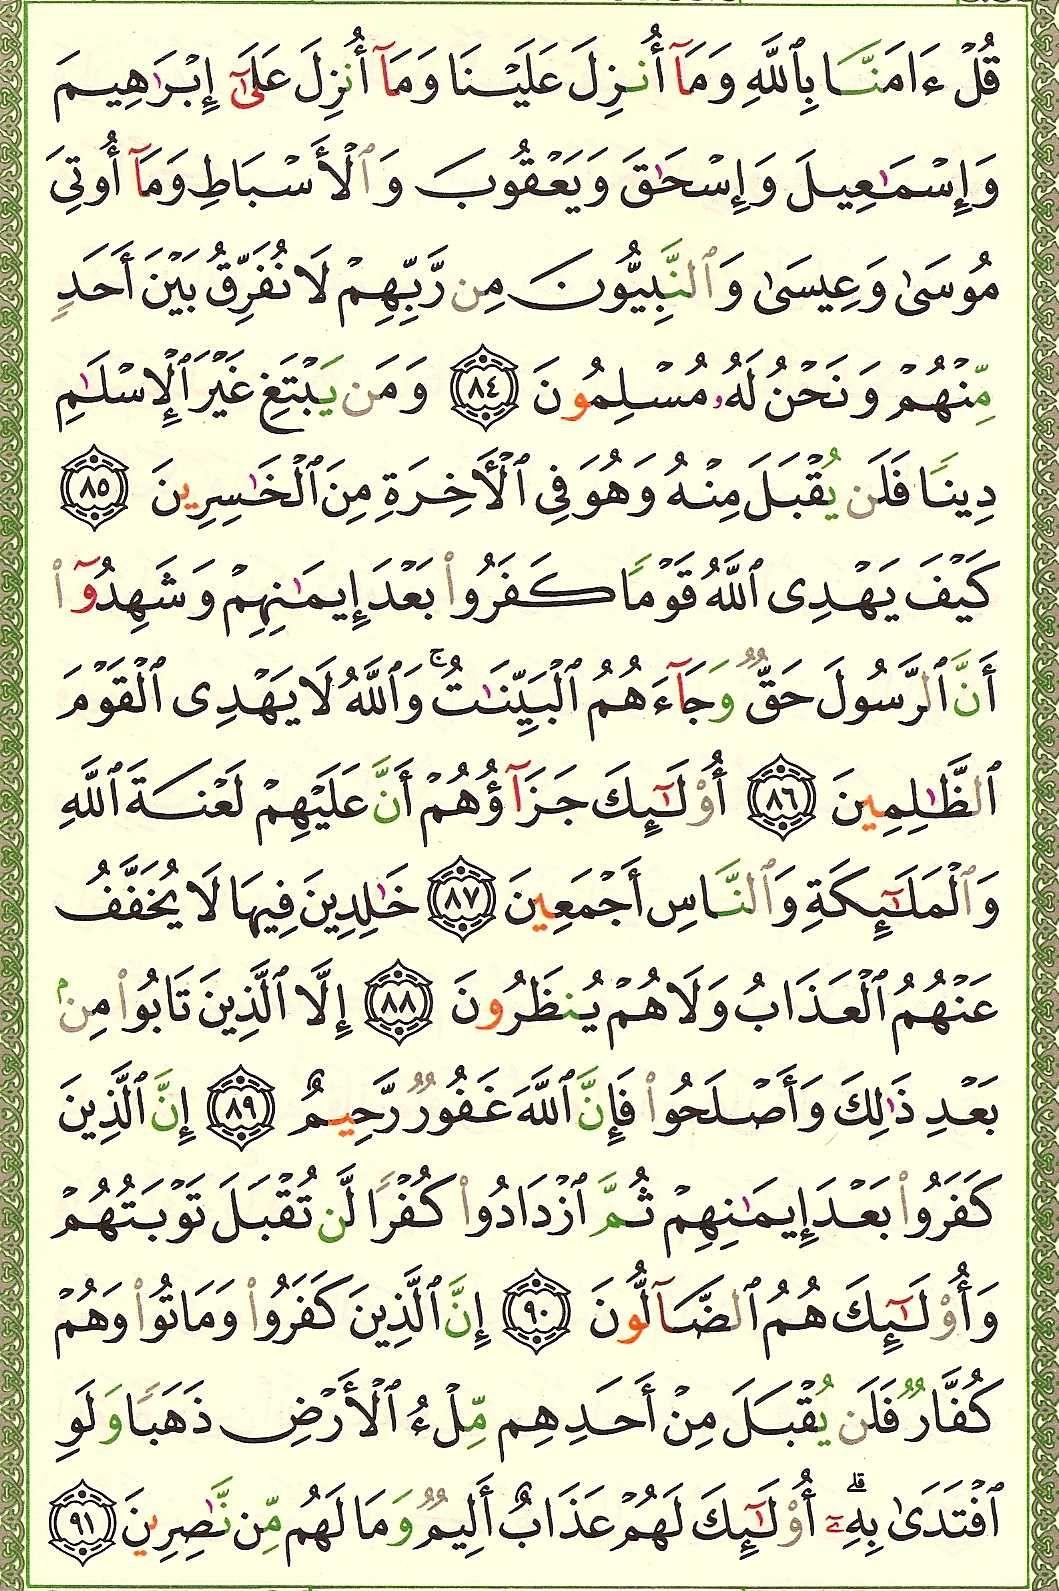 3. سورة آل عمران - Al-Imran مصورة من المصحف الشريف 061